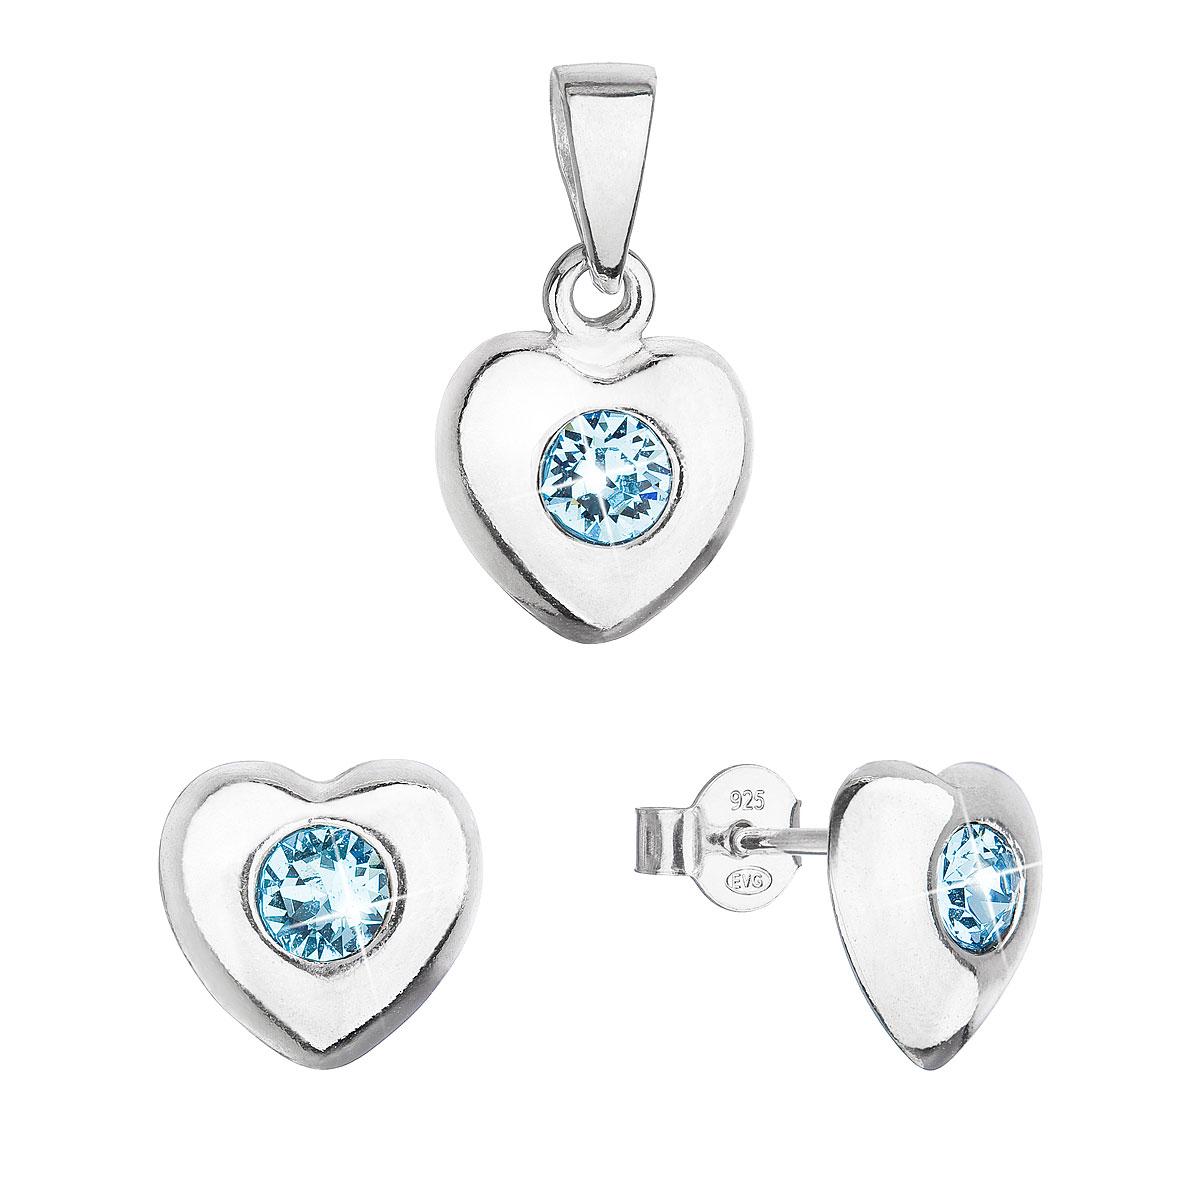 Sada šperkov s kryštálmi Swarovski náušnice a prívesok modré srdce 39176.3